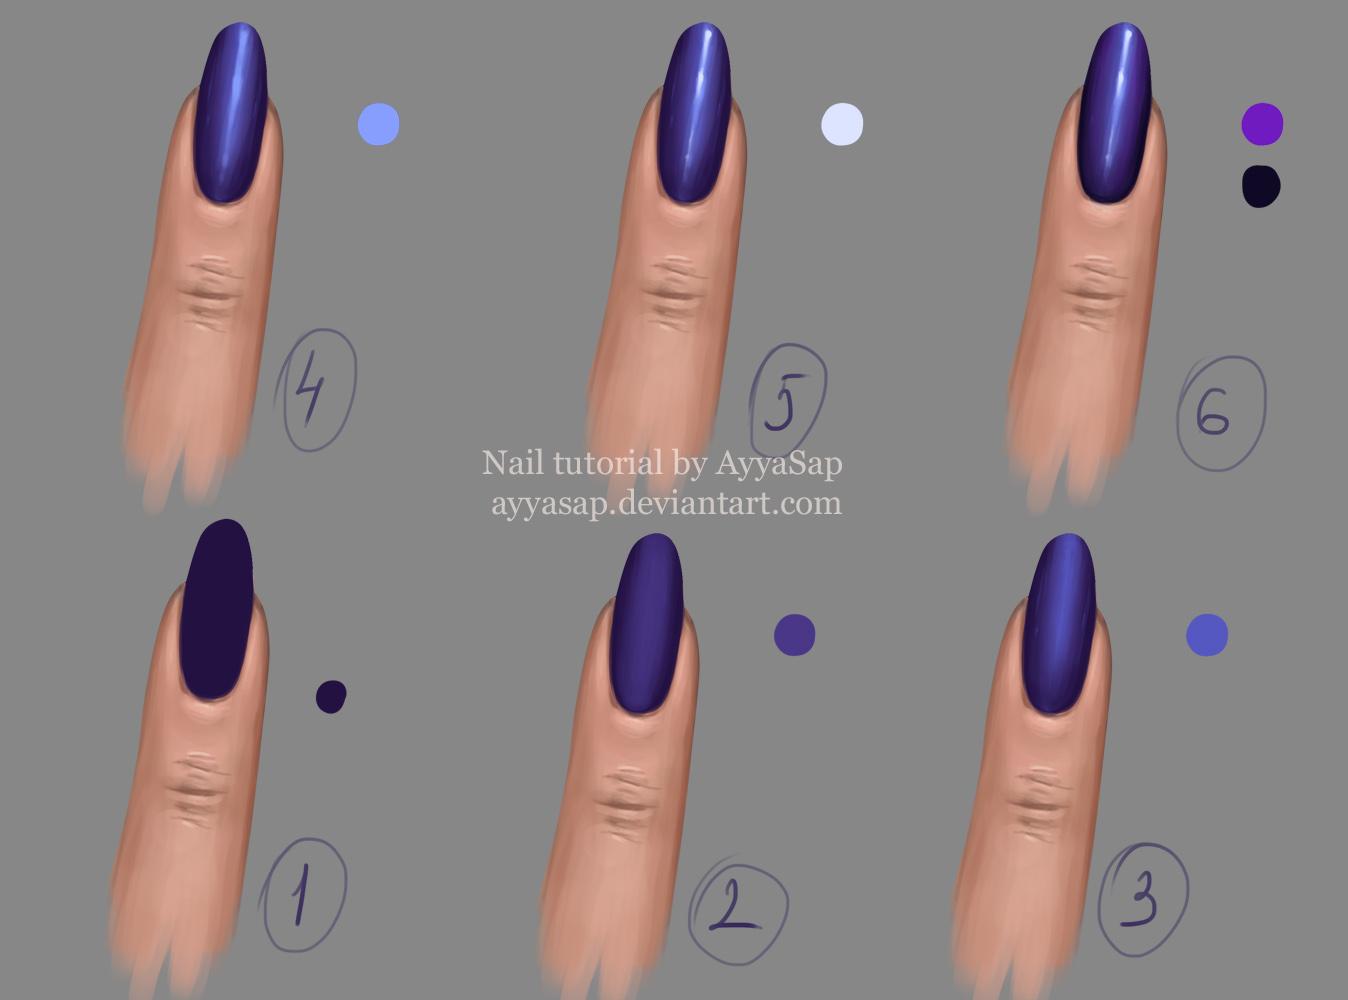 Nail Tutorial 2 by AyyaSap